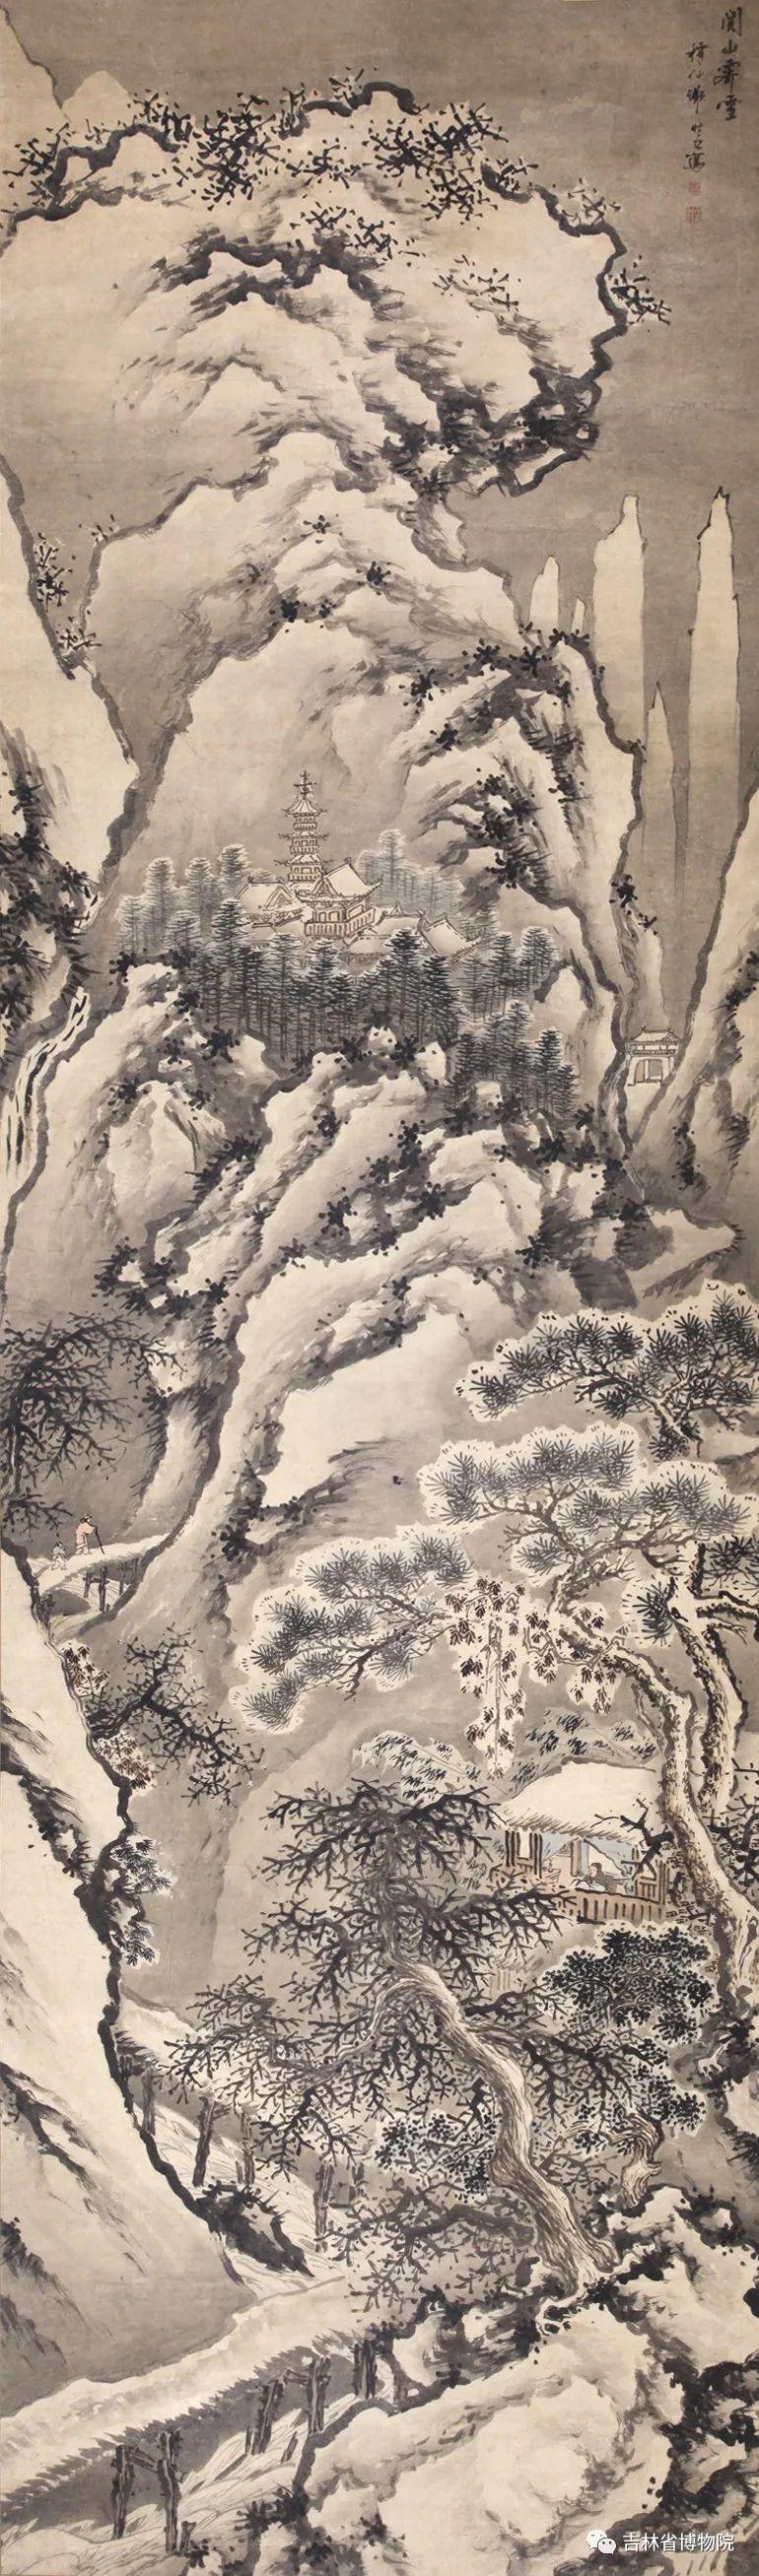 明 谢时臣(款)《关山雪霁》 纵342厘米 横99厘米